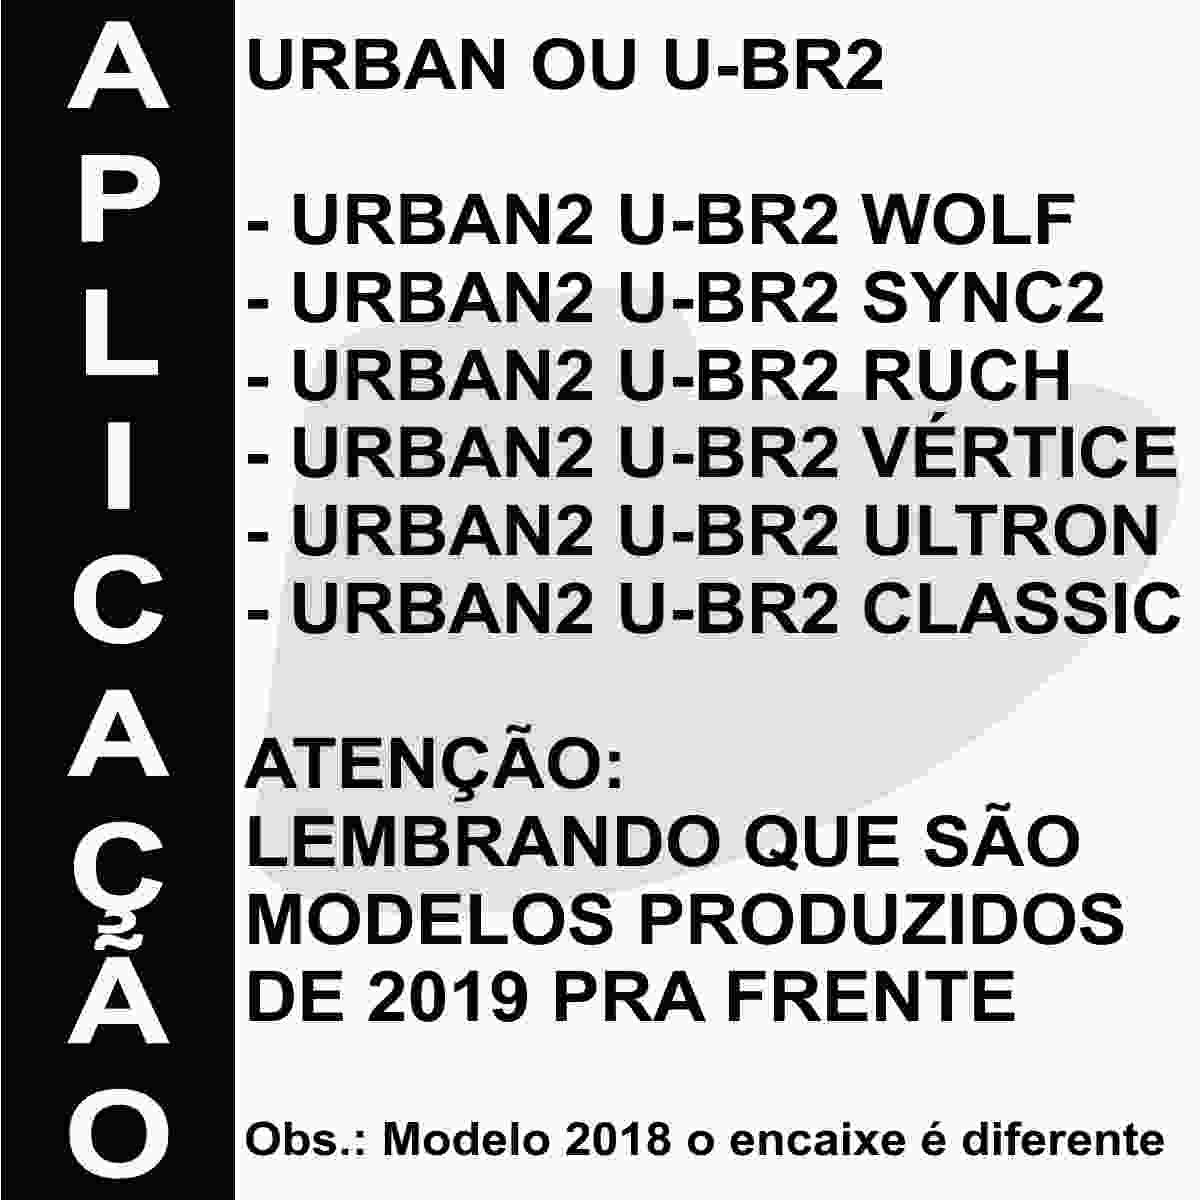 VISEIRA PEELS URBAN U-RB2 2019 CRISTAL ANTIRRISCO EM POLICARBONATO DE 2mm